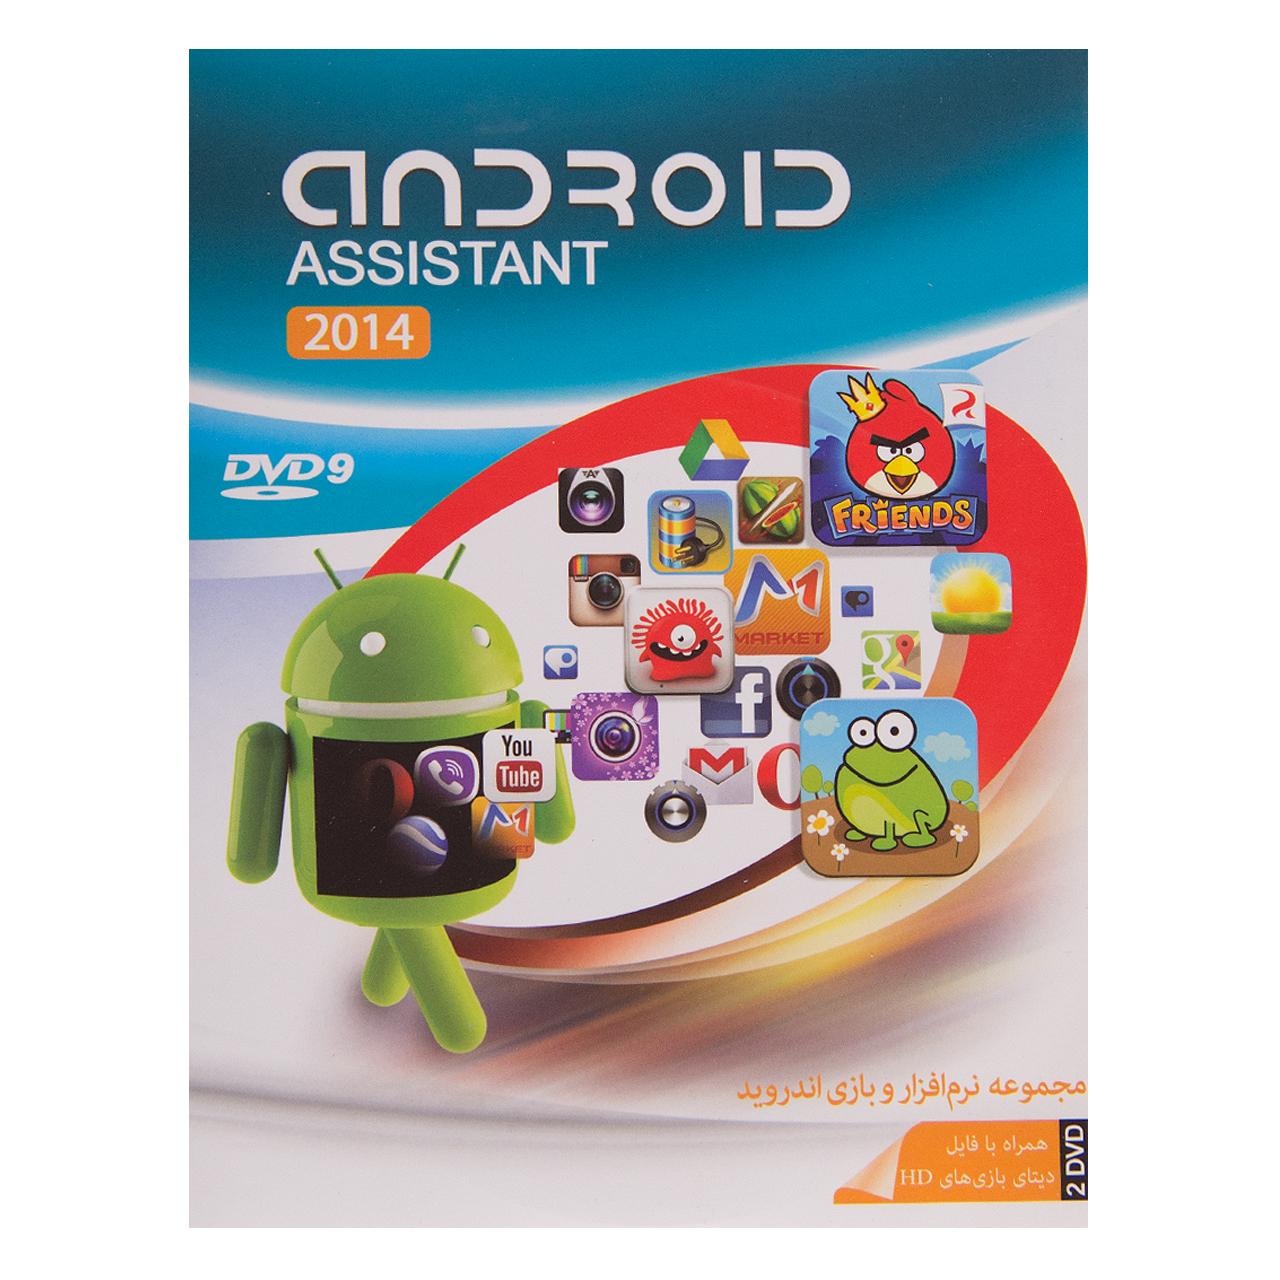 مجموعه نرم افزاری Android Assistant نشر رایان حساب ماهان